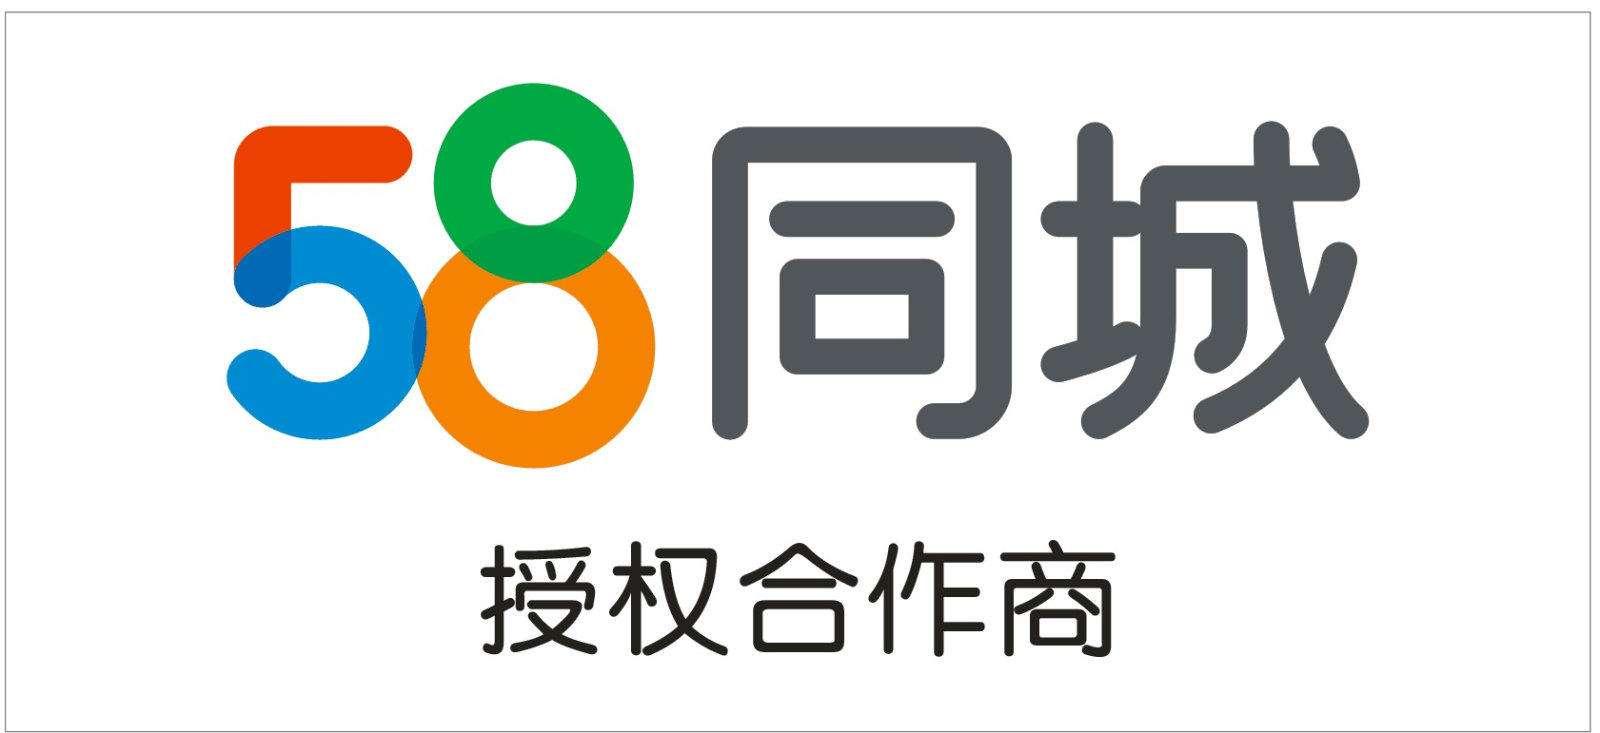 温州哪有58同城推广项目-58同城推广怎么样